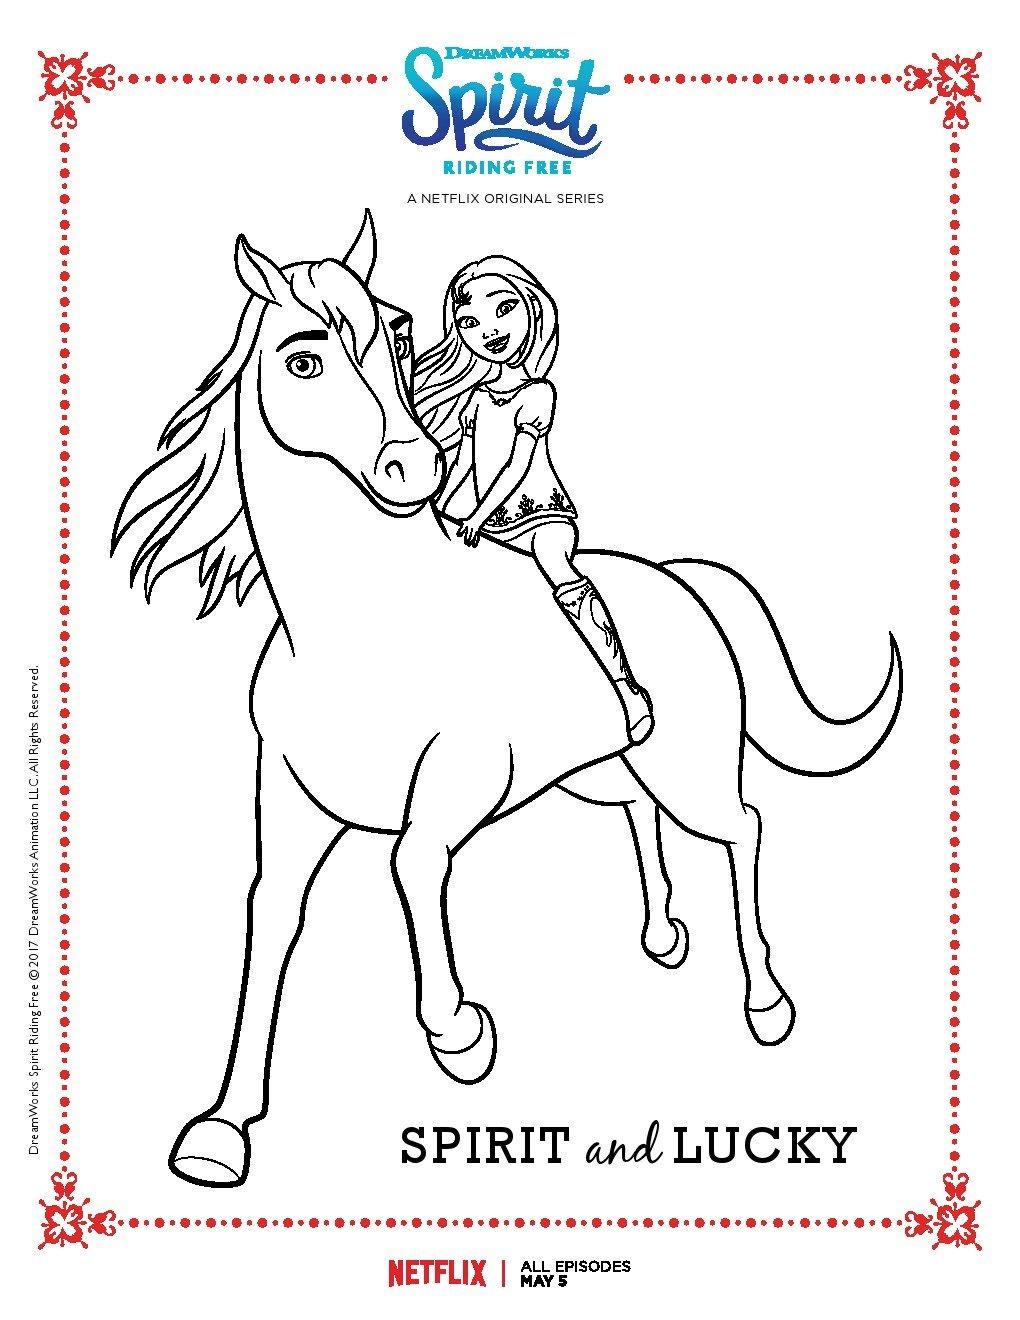 Disegni da colorare spirit free riding sogni d 39 oro for Disegni e piani di coperta